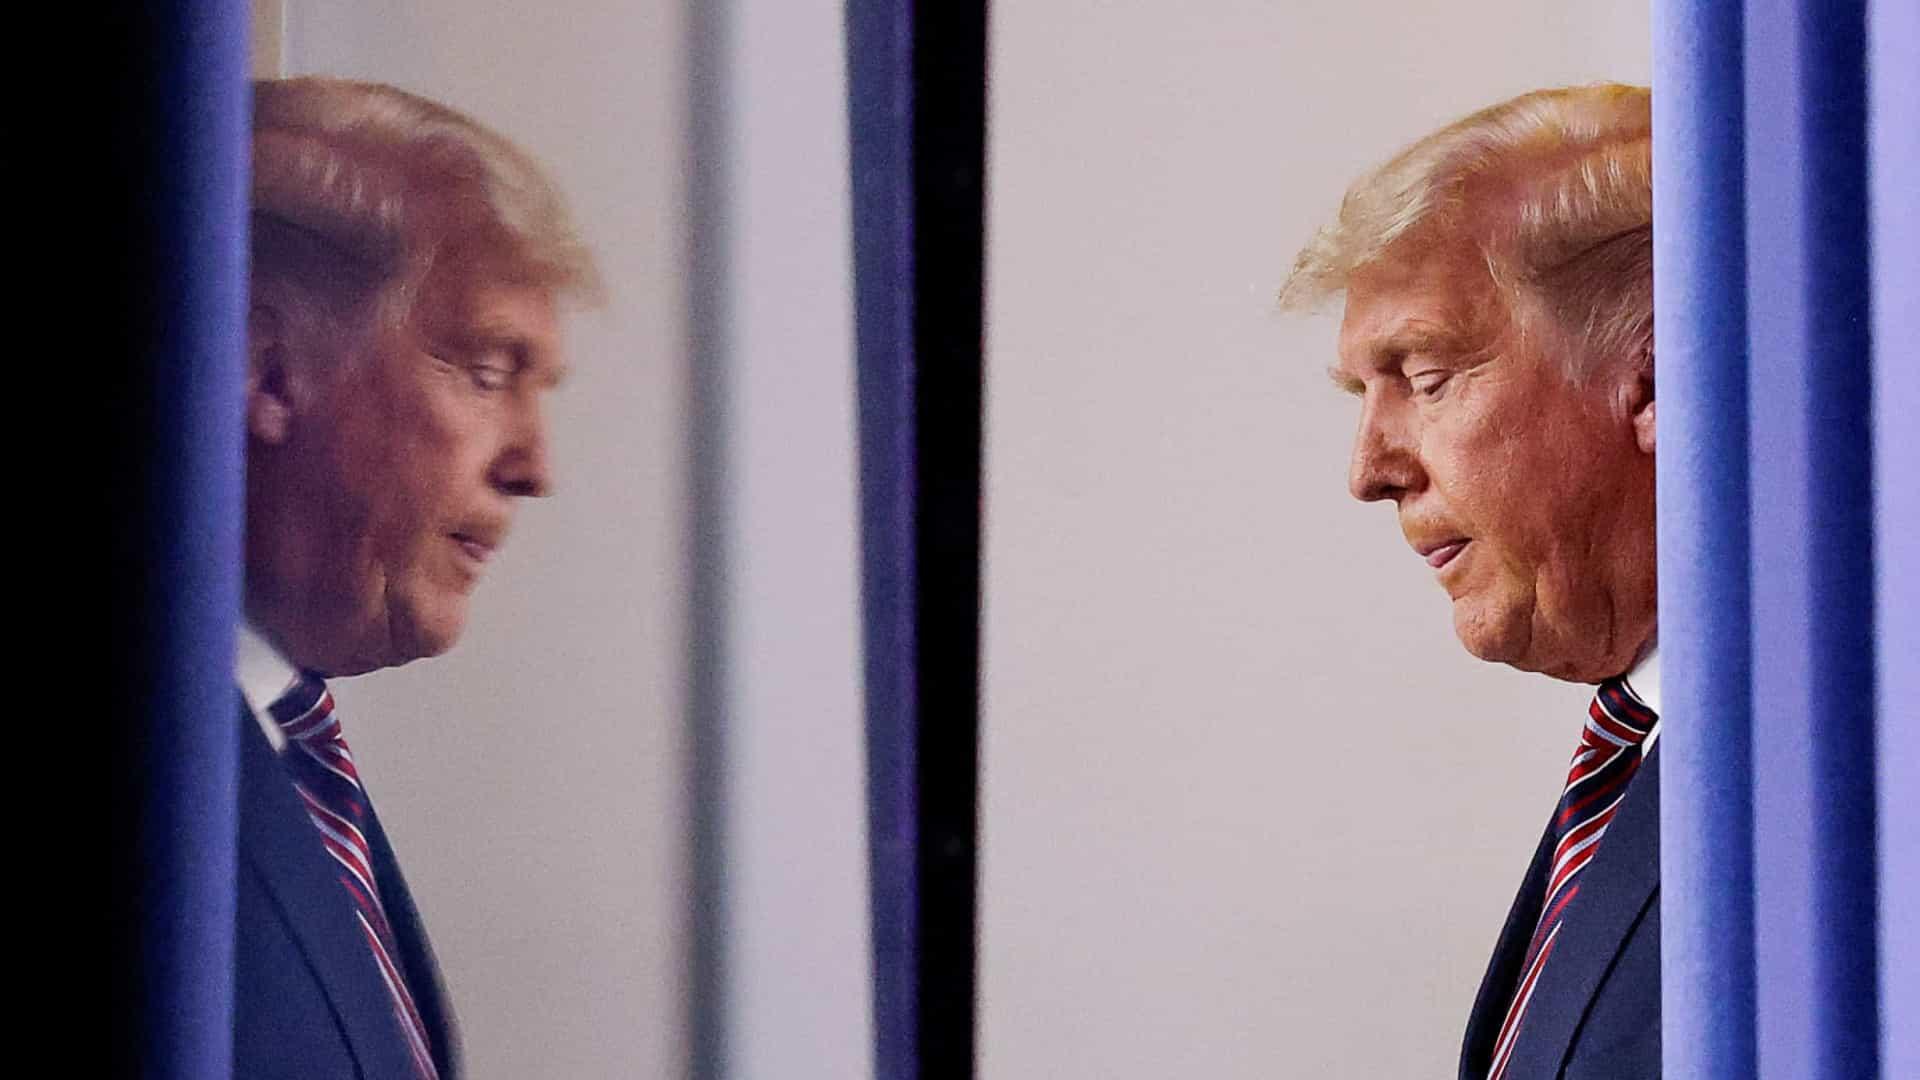 naom 5fa564065ddec - Advogado de Trump deixa claro que vão contestar resultado das eleições